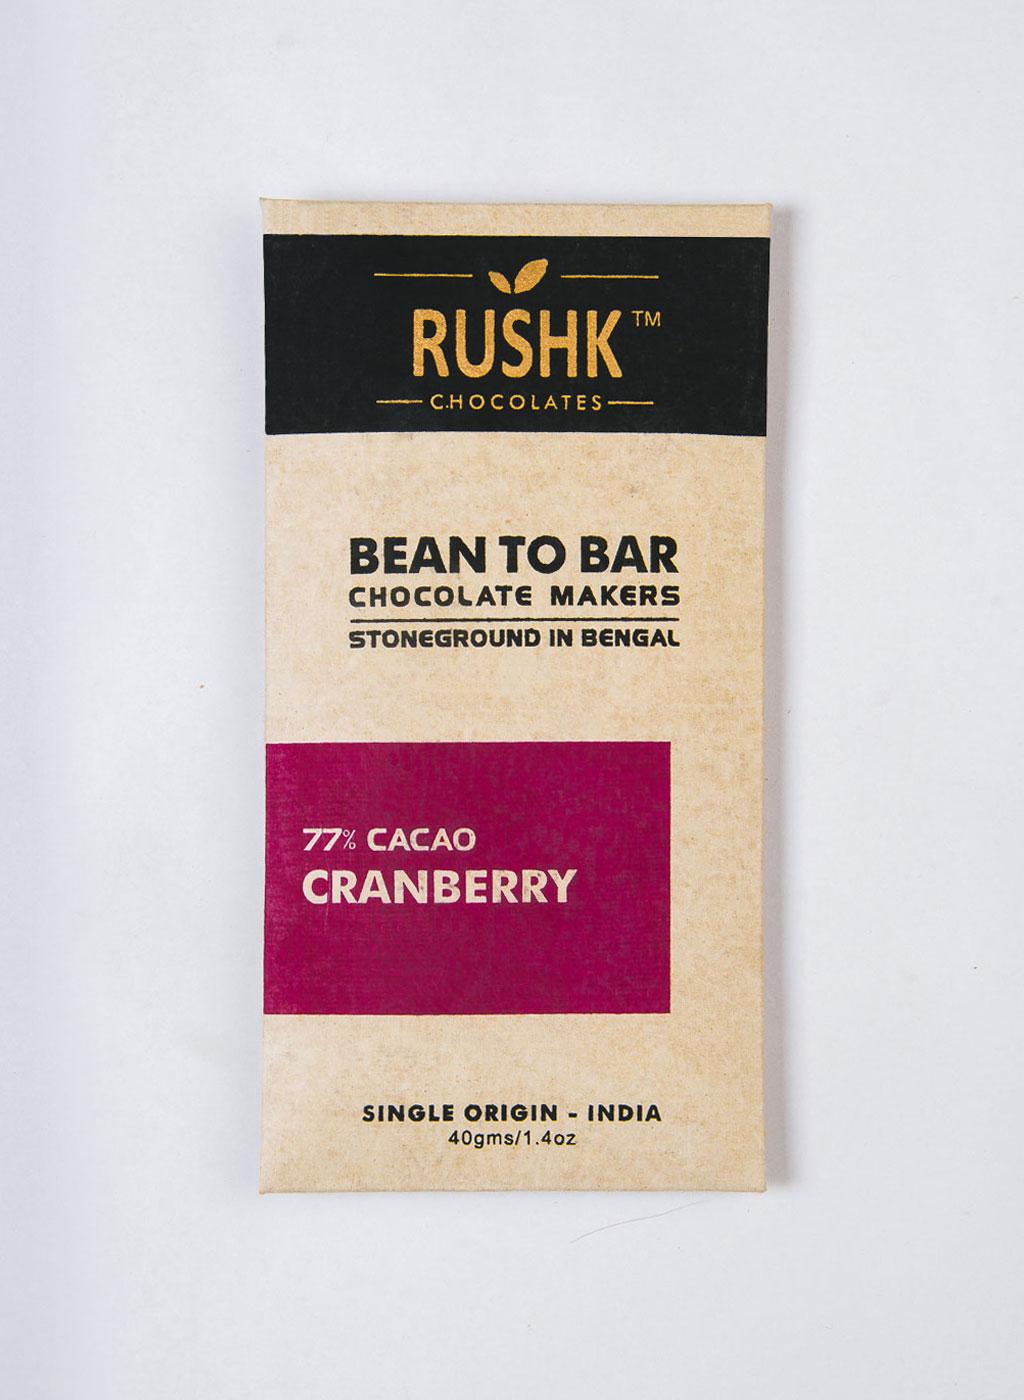 77%-Cacao-Cranberry-f